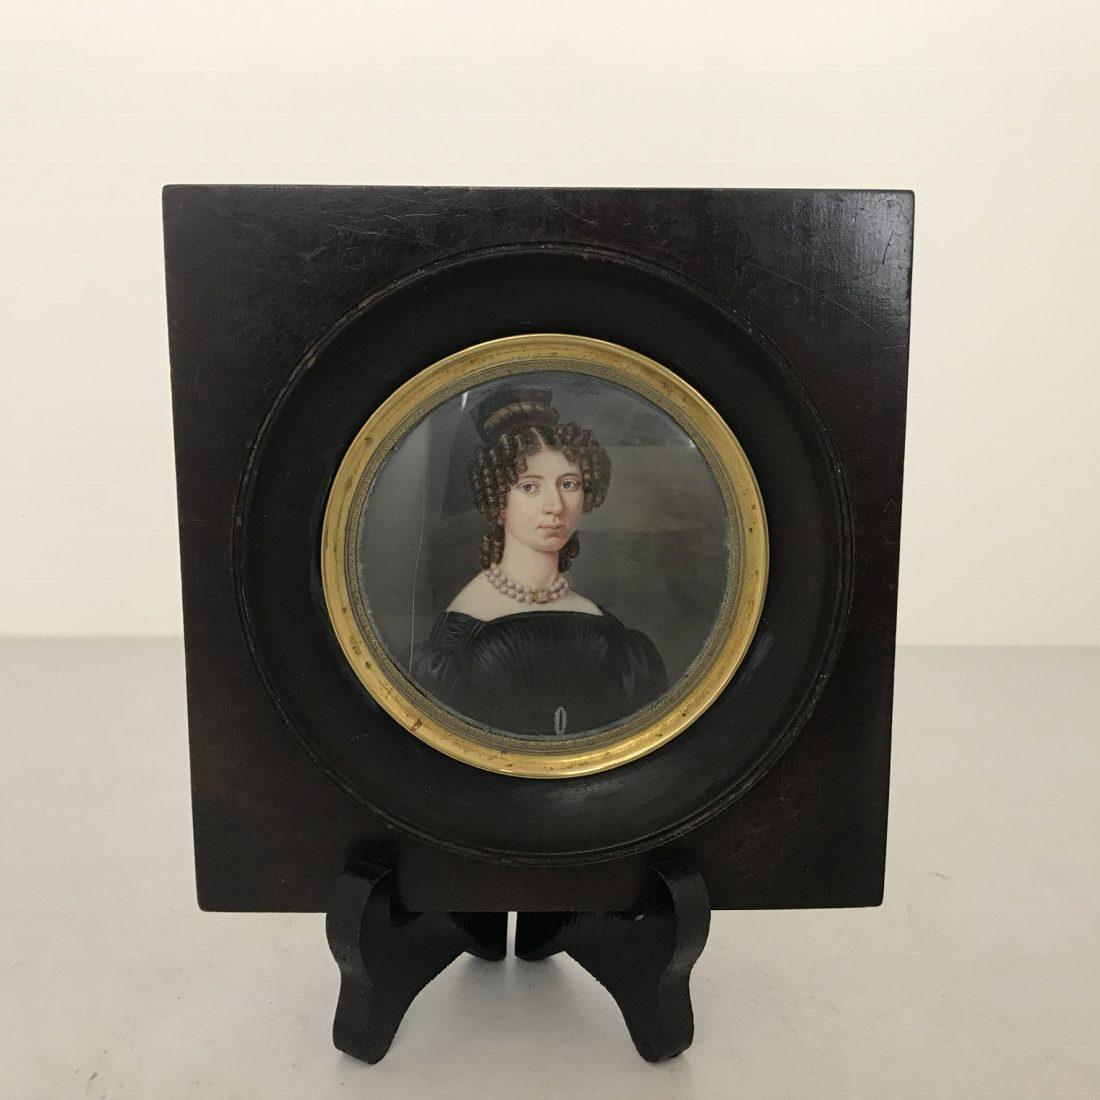 Portret miniatuur op ivoor geschilderd in zwart gelakt houten lijst, Frankrijk, 19e eeuw